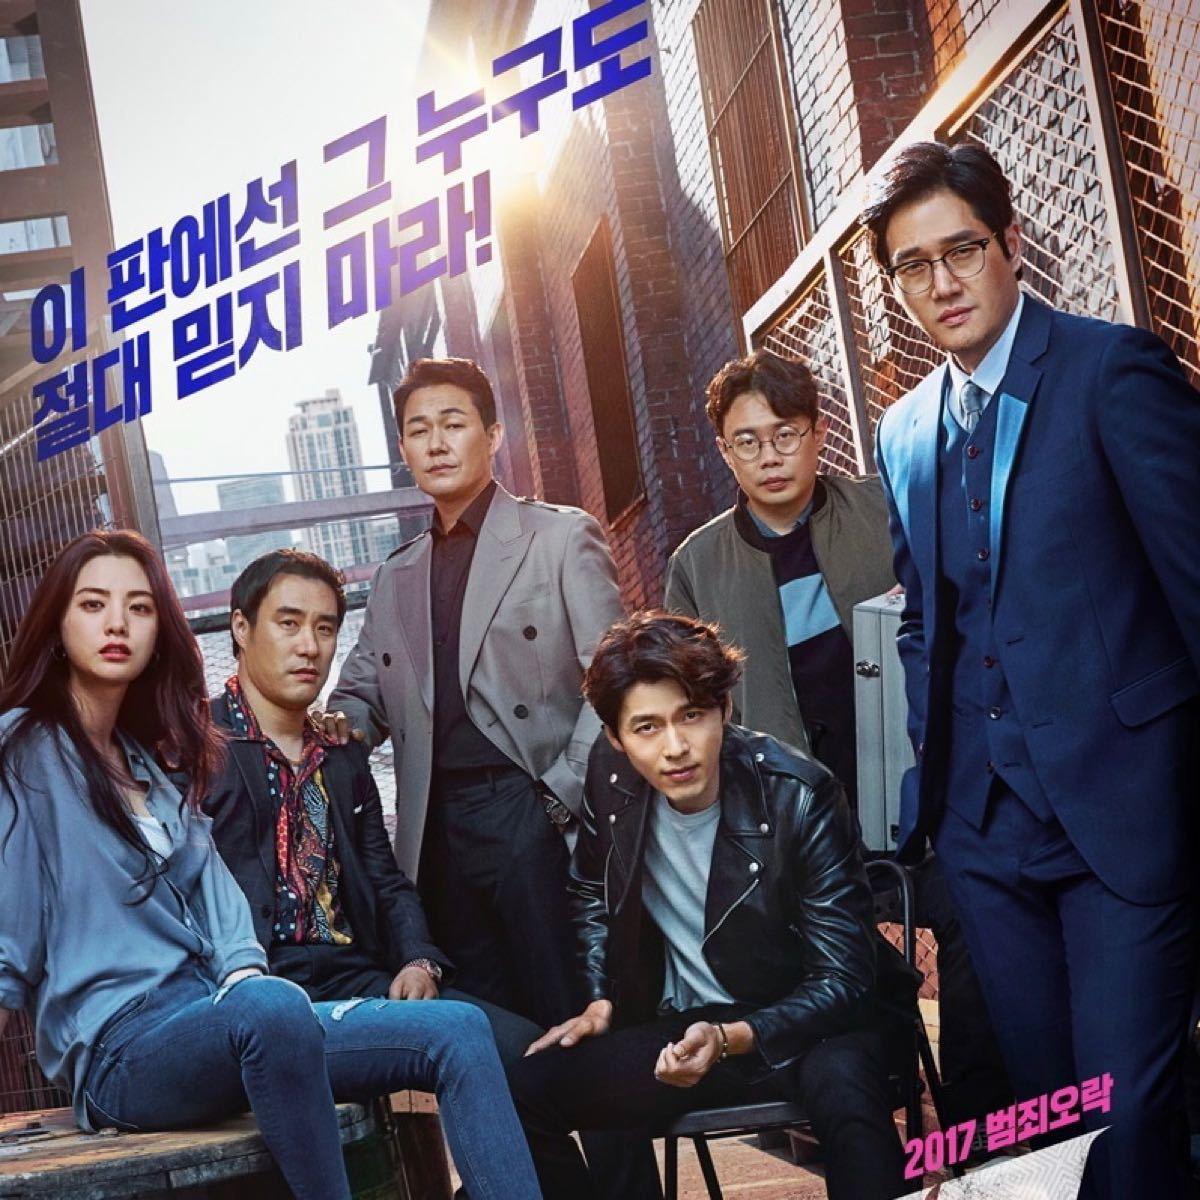 韓国映画  ザ・スゥインダラーズ  ヒョンビン  DVD  日本語吹替有り  レーベル有り